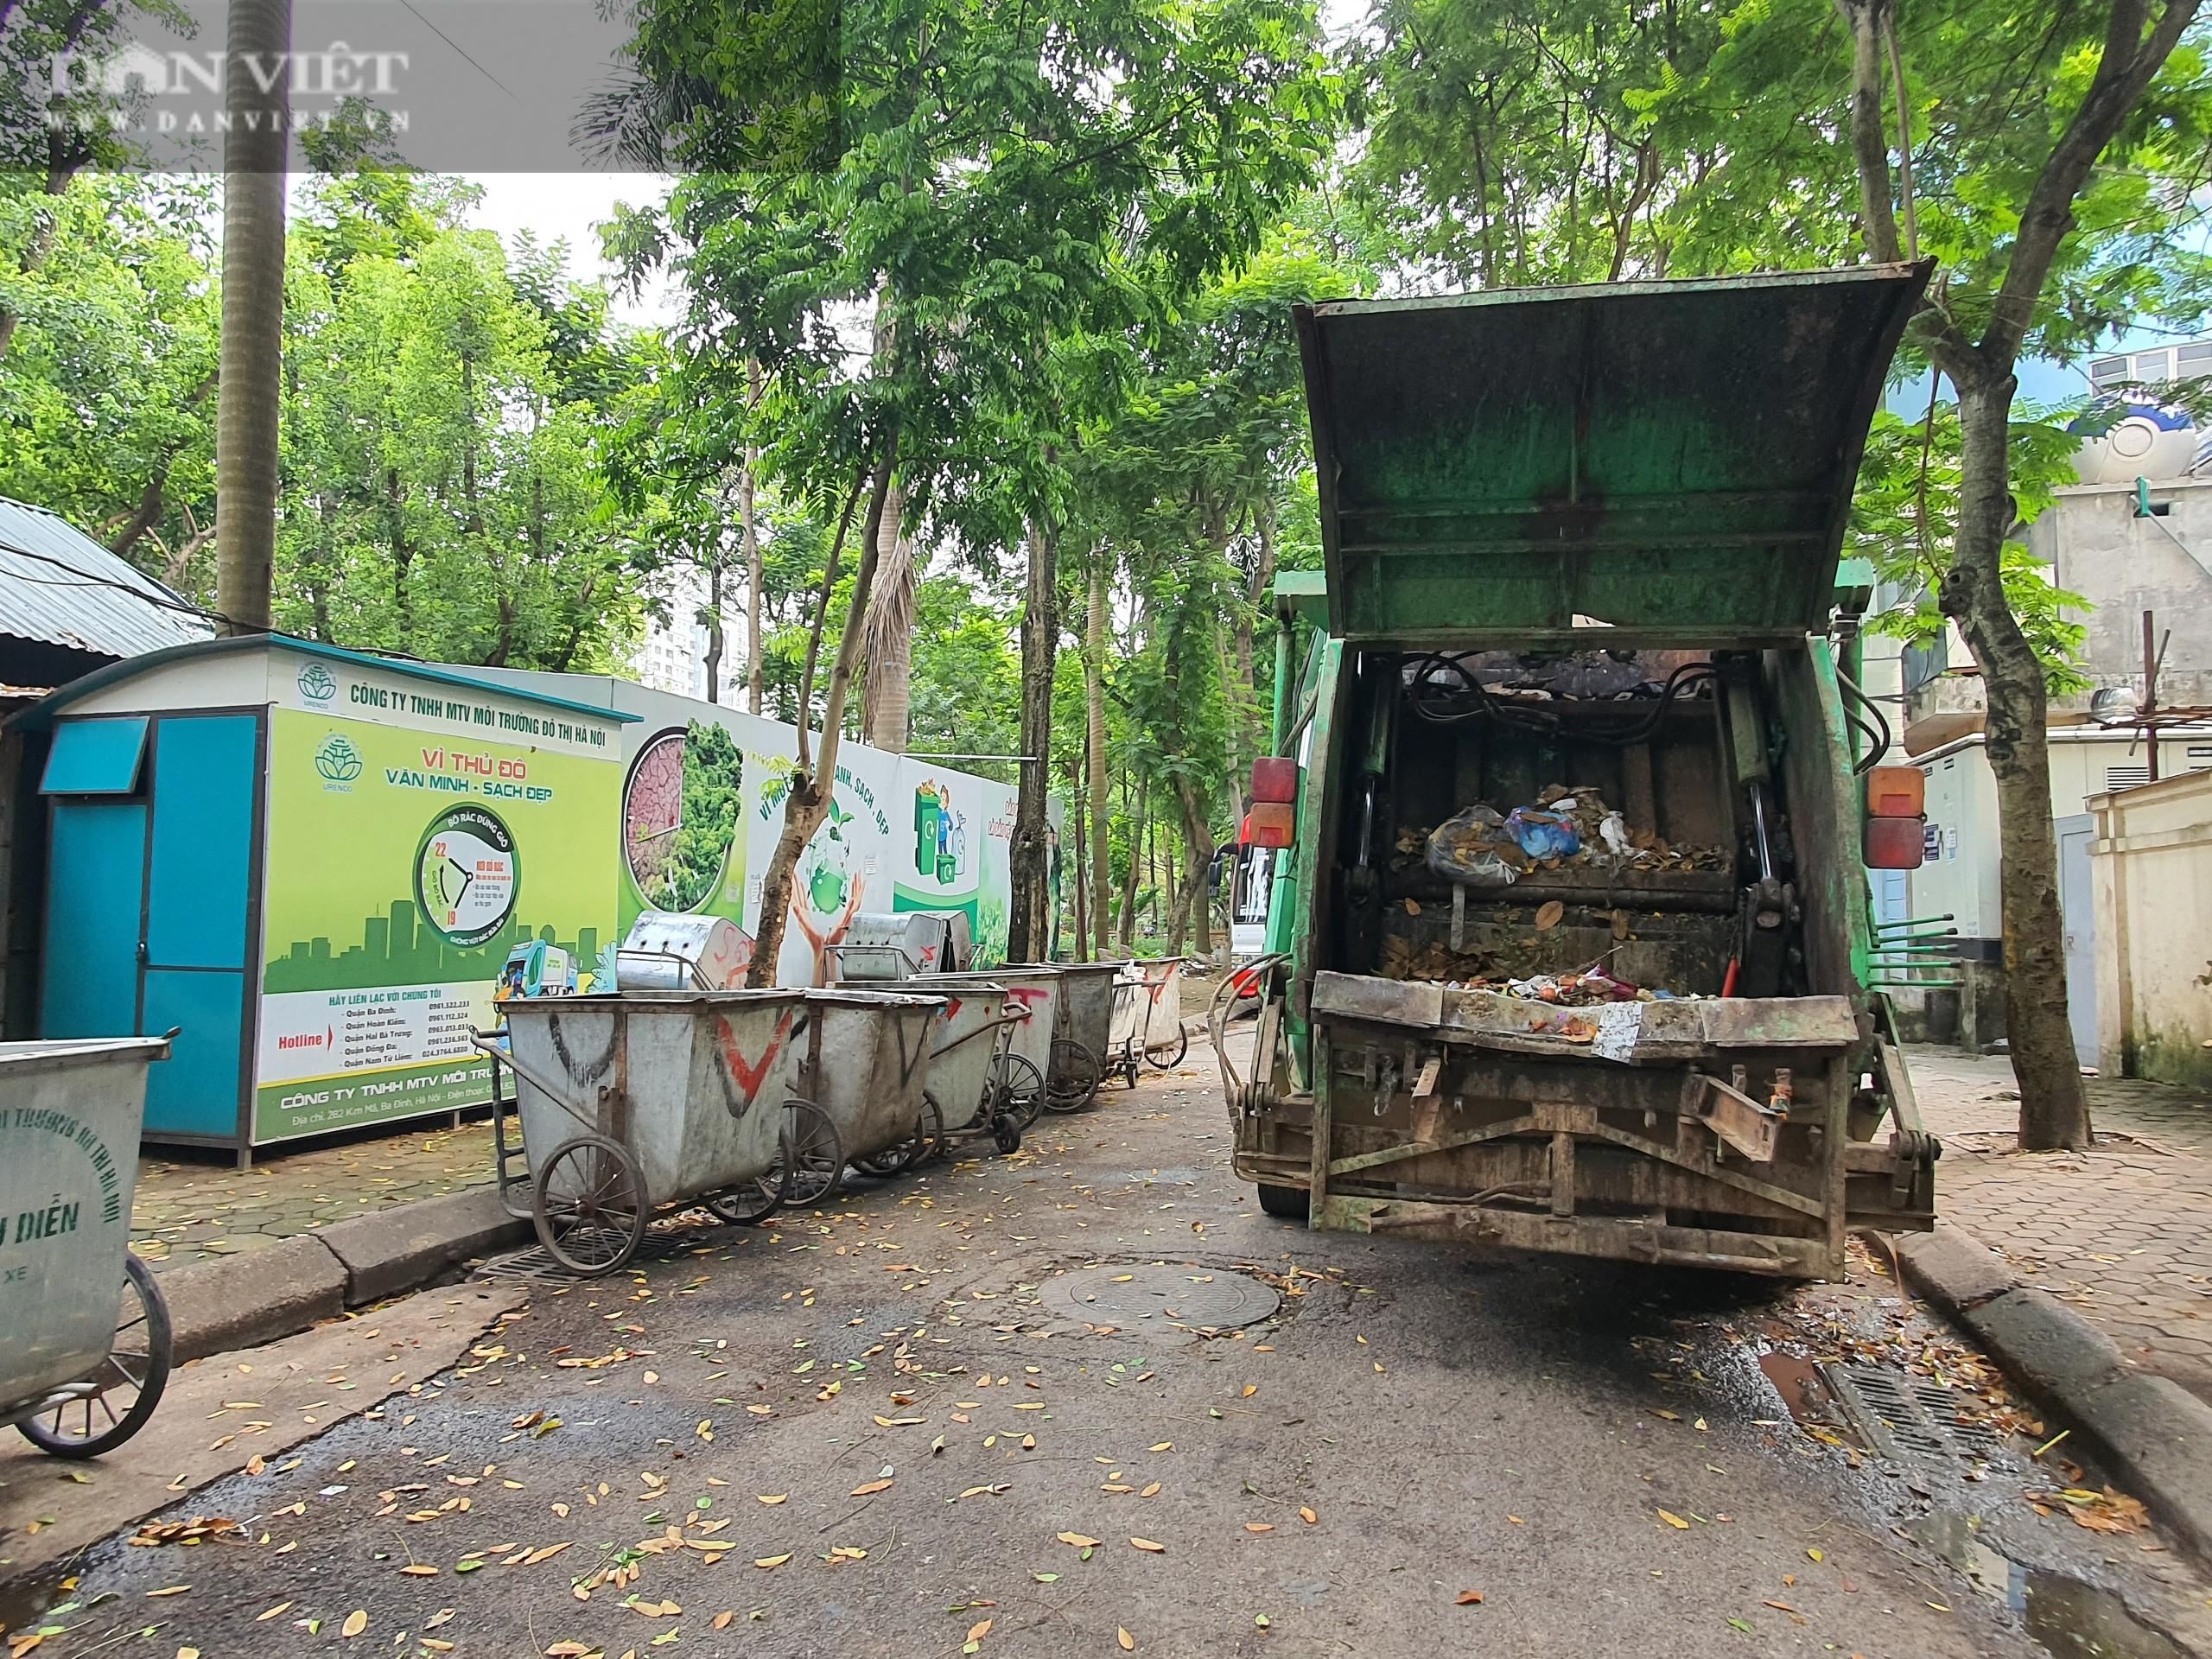 Bài 2: Tràn lan hình ảnh gây ô nhiễm của các công ty bảo vệ môi trường giữa thủ đô - Ảnh 10.